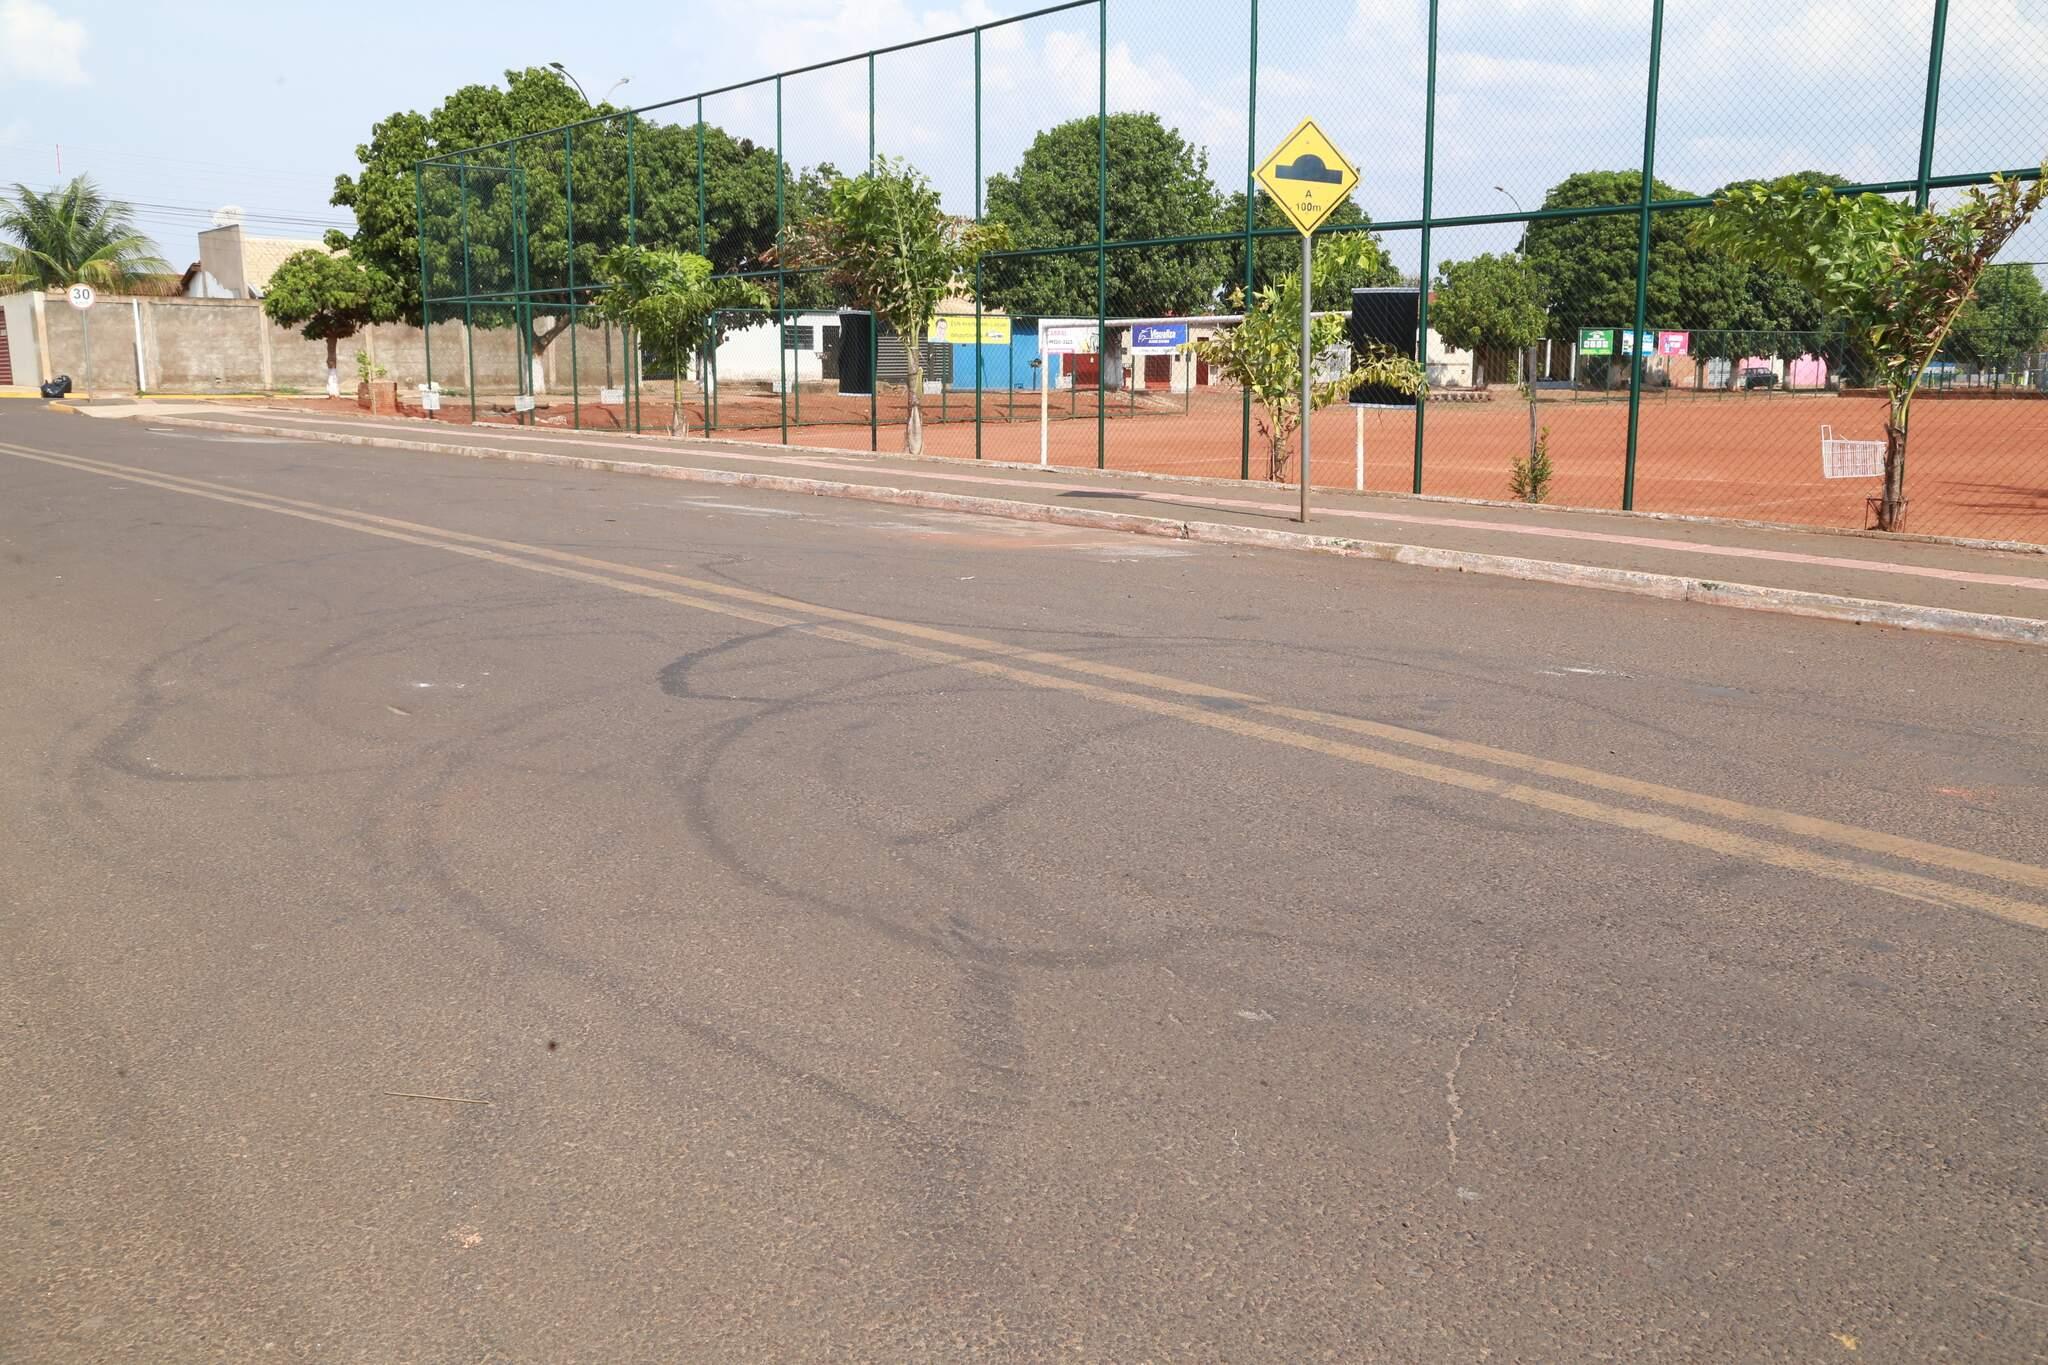 Manobras feitas por motos e carros deixaram marcas na Rua Rio Dourado. (Foto: Kísie Ainoã)